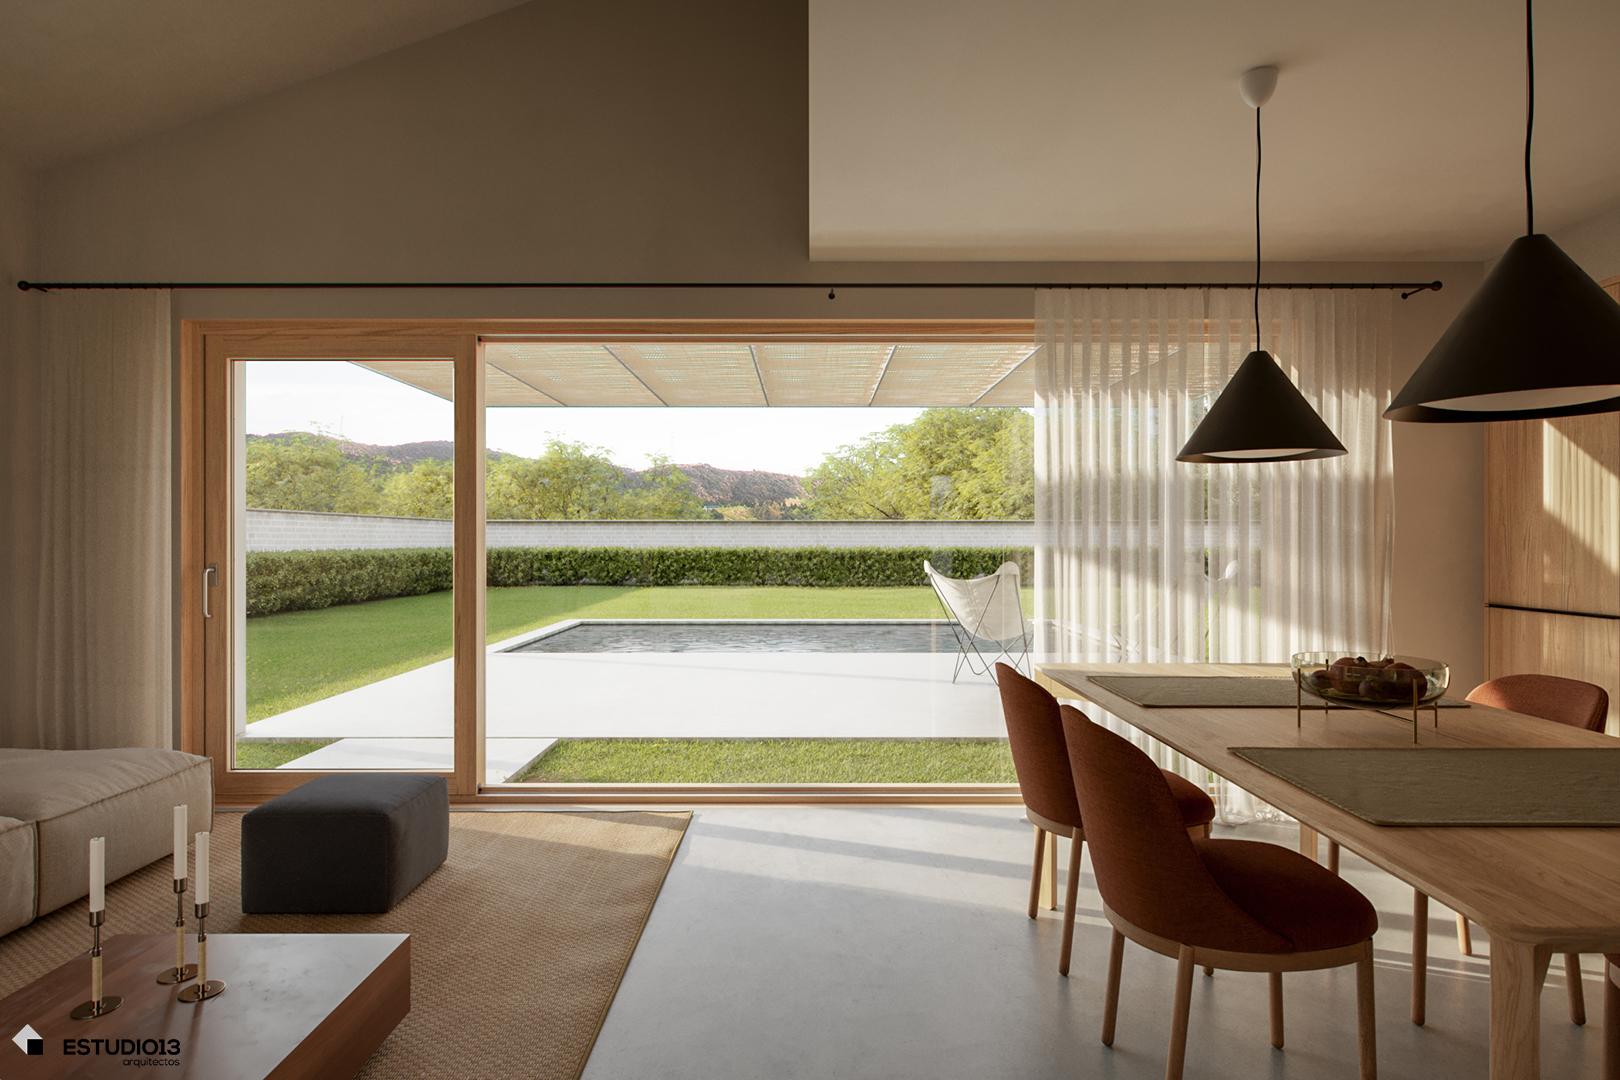 estudio13arquitectos_vivienda_modular_interior_03